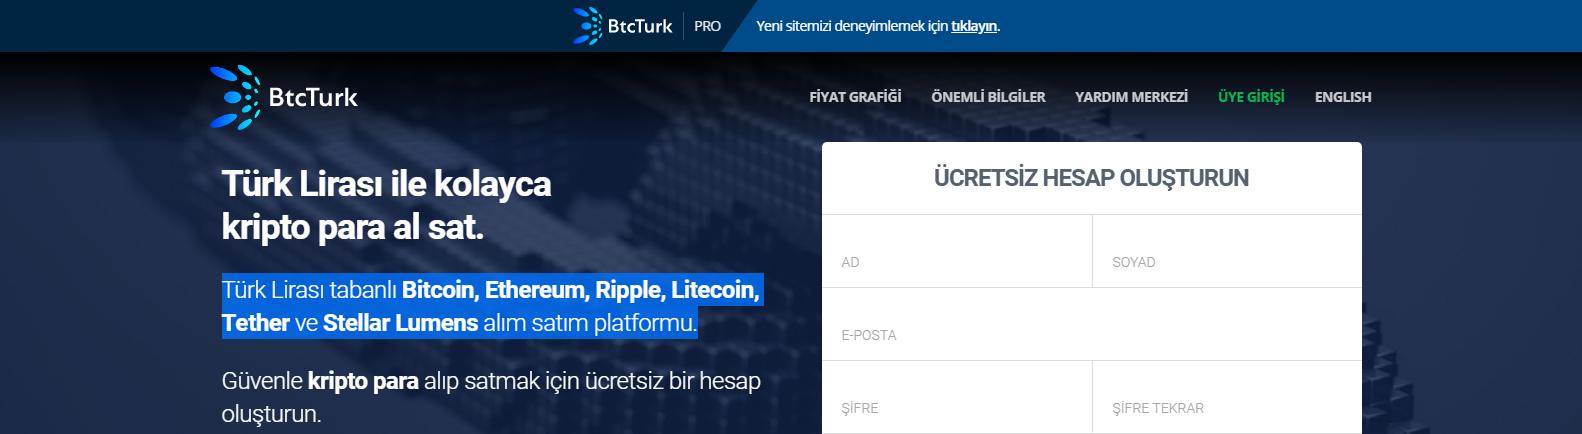 btcturk nedir bitcoin sitesi